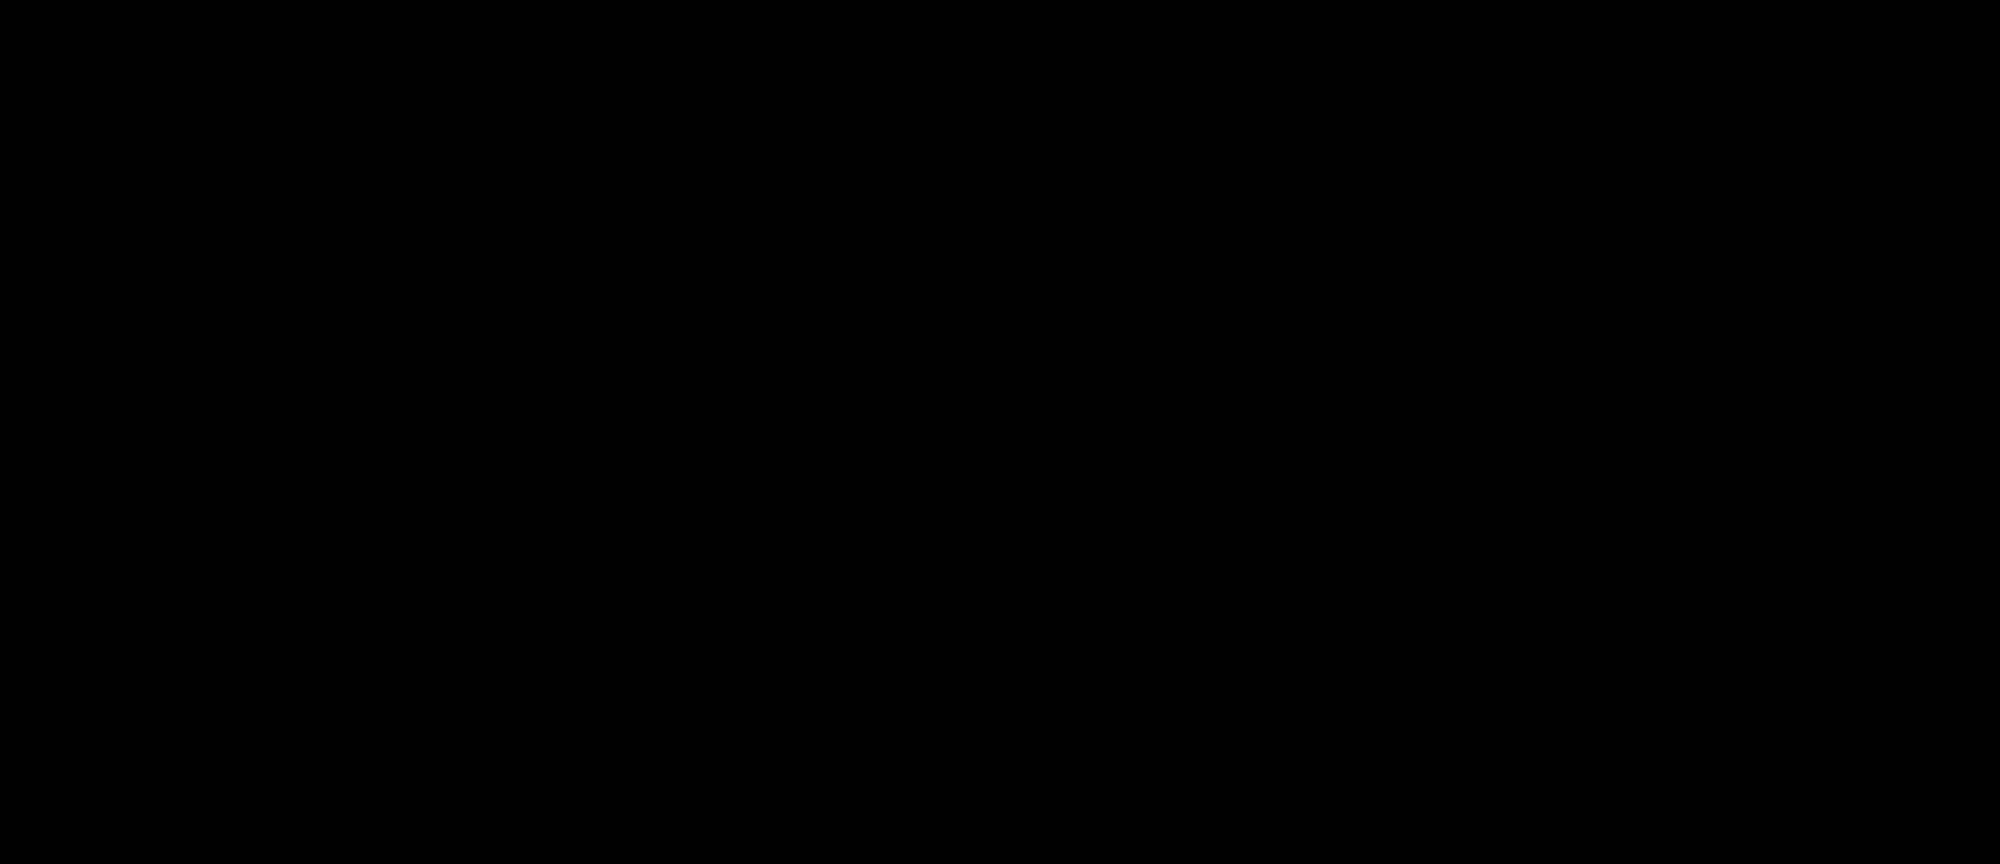 Hi8_Logo.svg